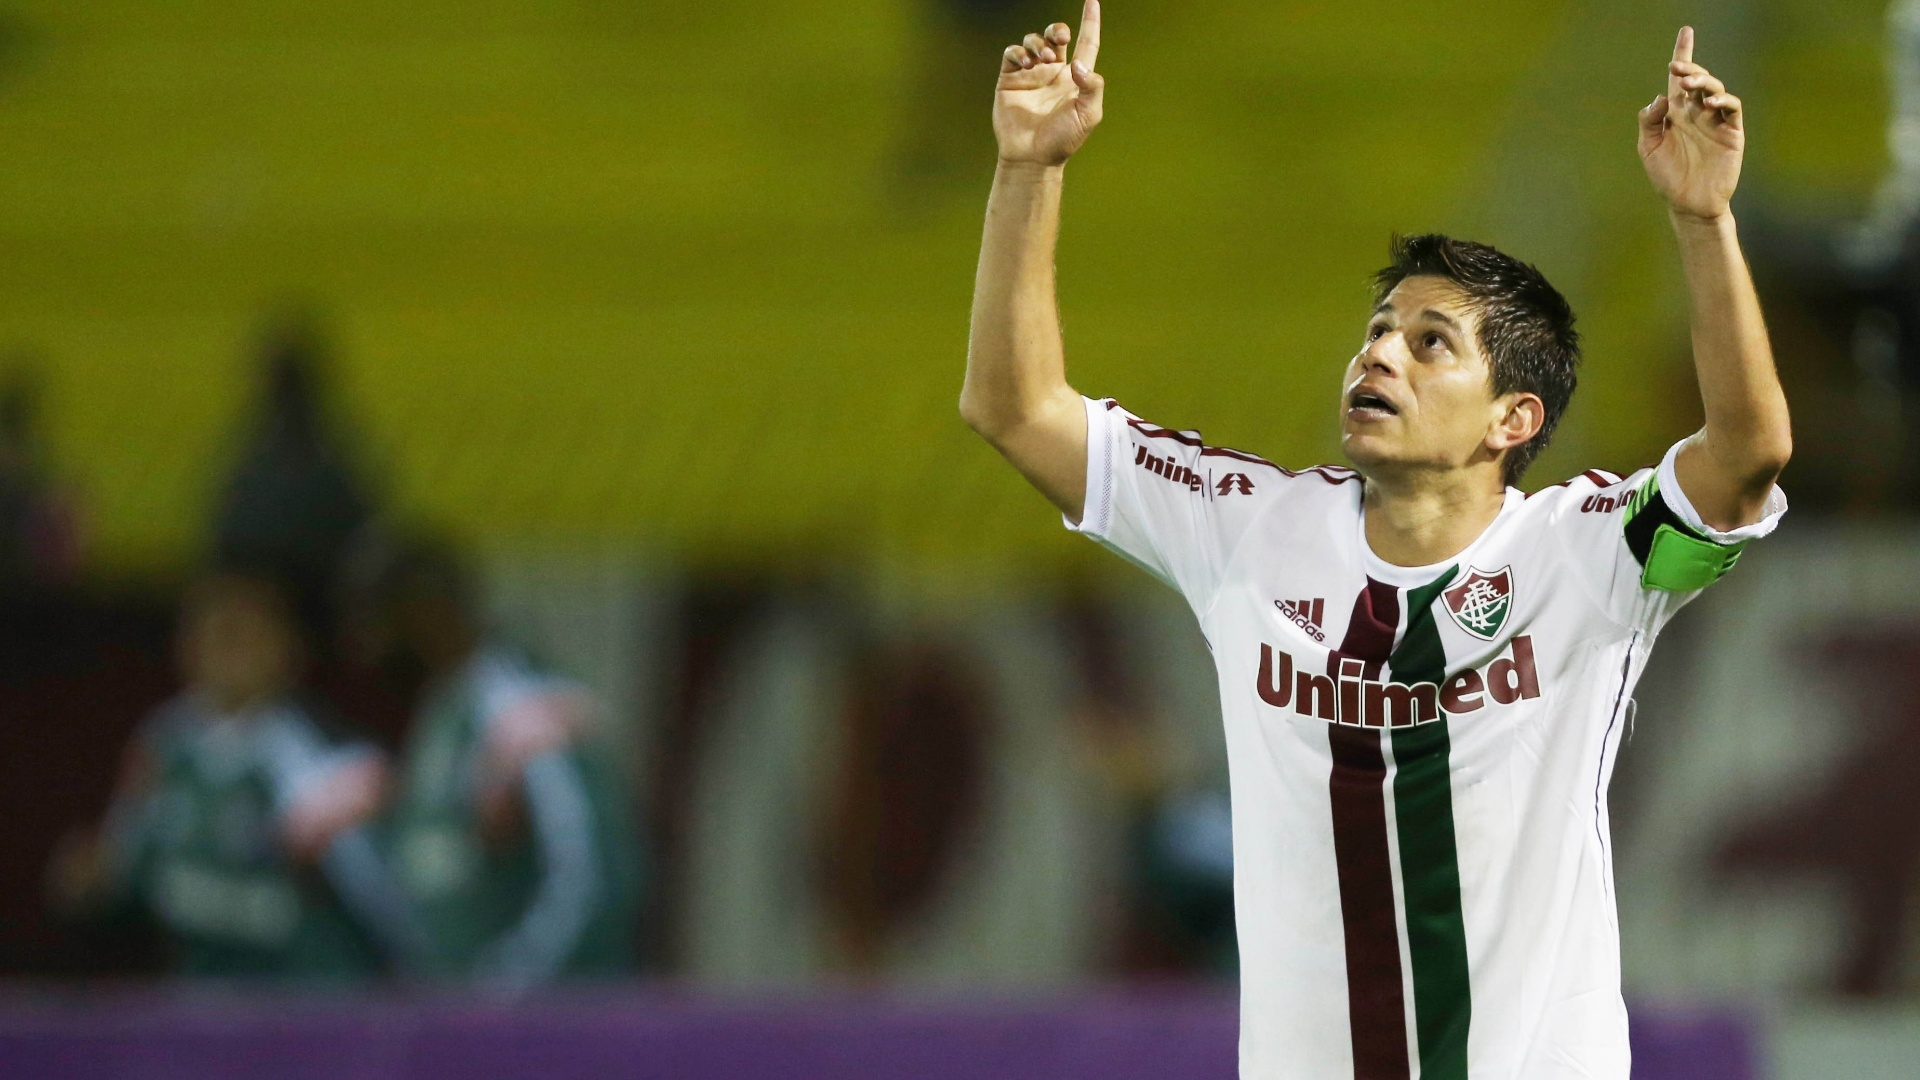 Conca aponta para o céu durante comemoração do único gol na vitória sobre o Santos, em Volta Redonda